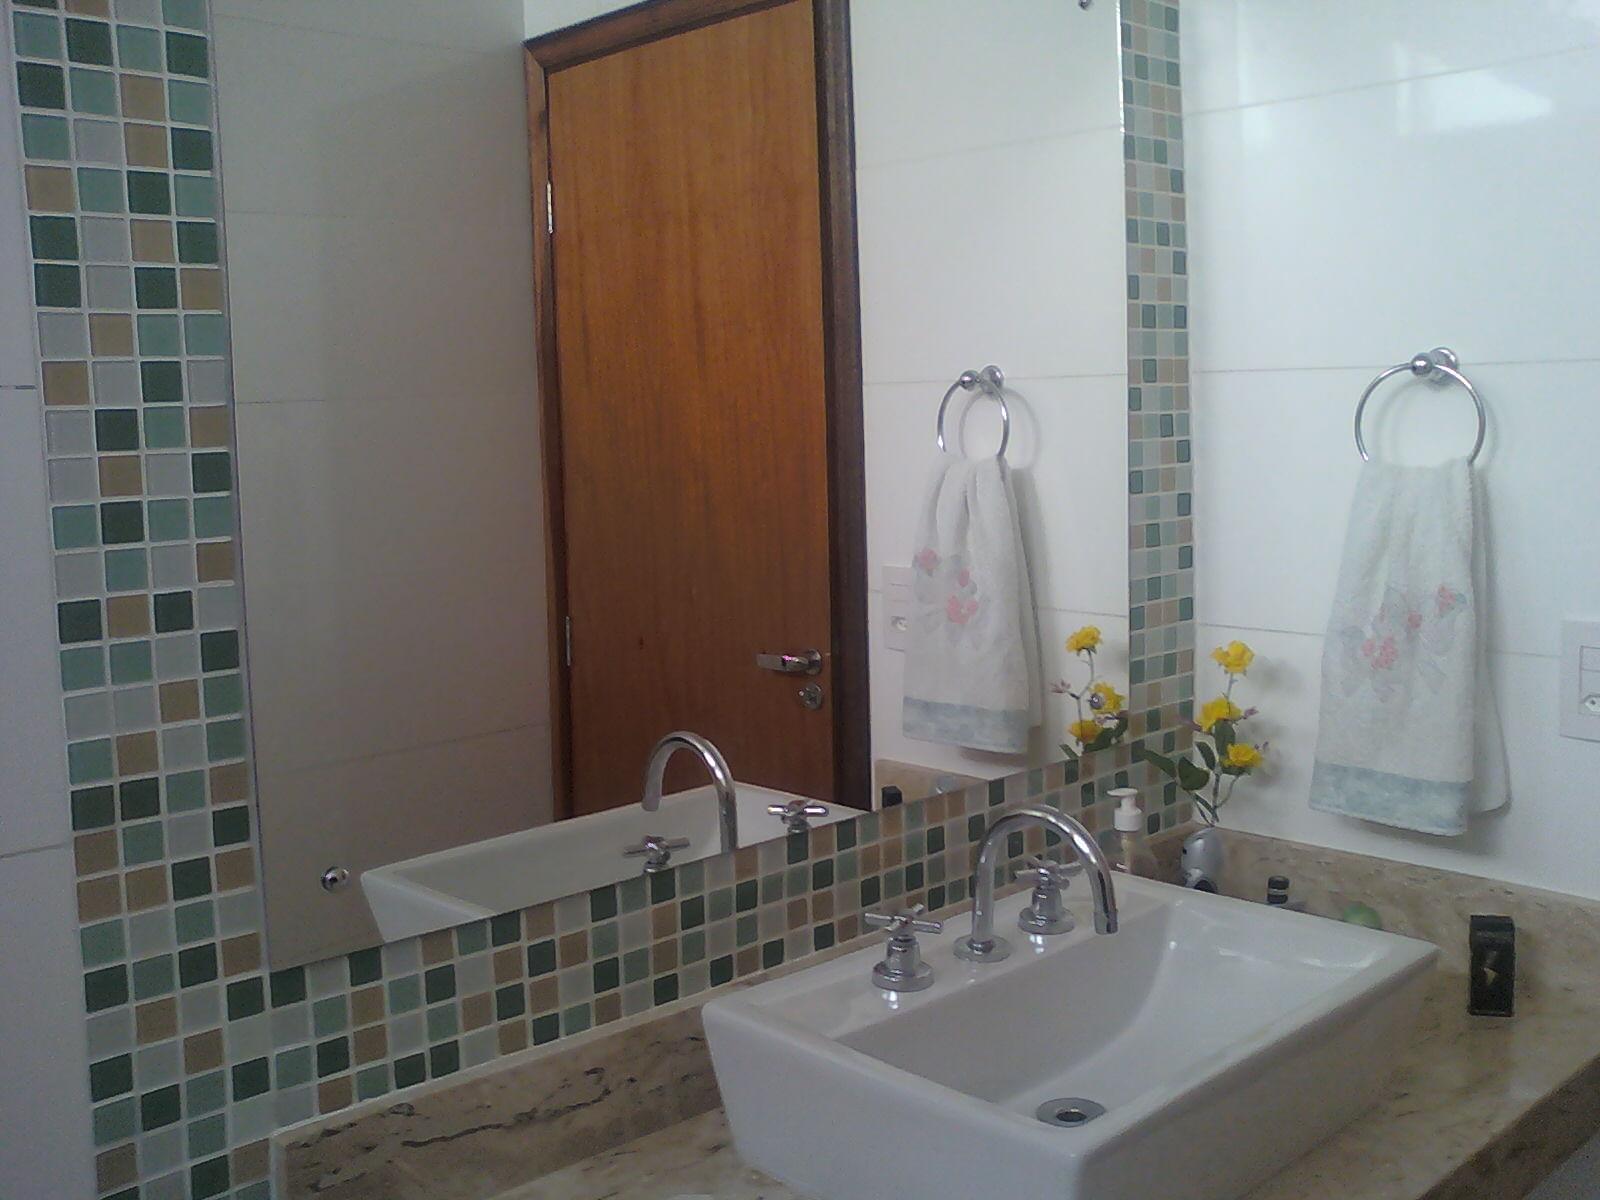 acabamento em banheiro feito com pastilhas de vidro em tons de verde e  #674936 1600x1200 Banheiro Com Pastilhas Marron